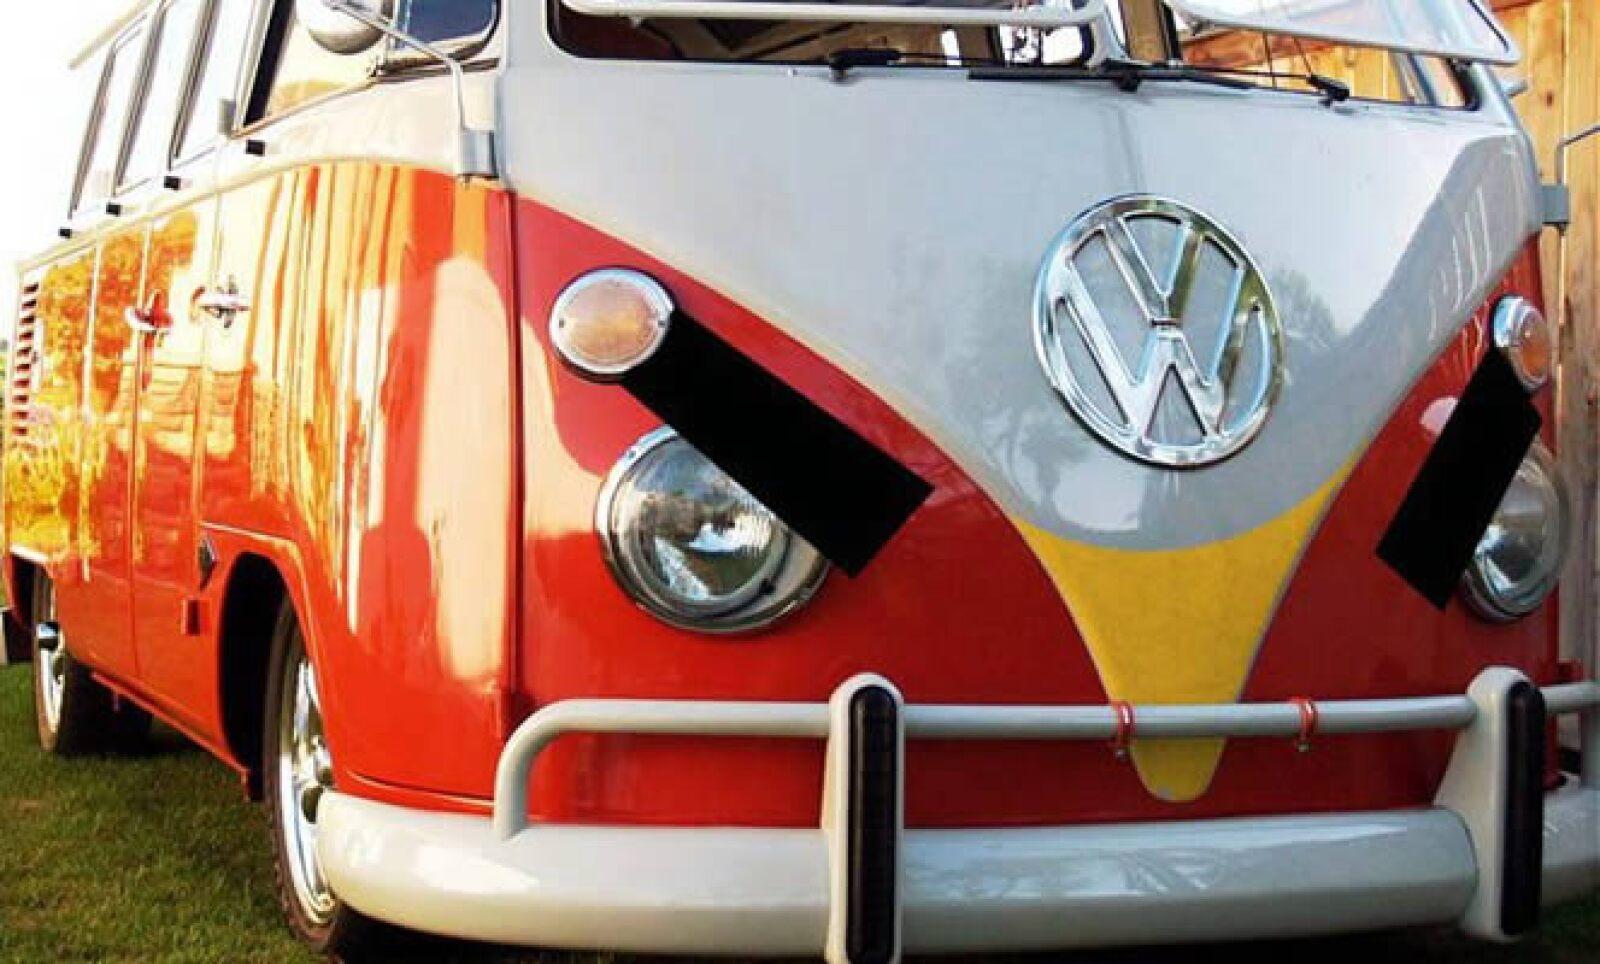 Un usuario anónimo pinto esta van de Volkswagen como si fuera el pico del famoso pájaro rojo, protagonista del título.